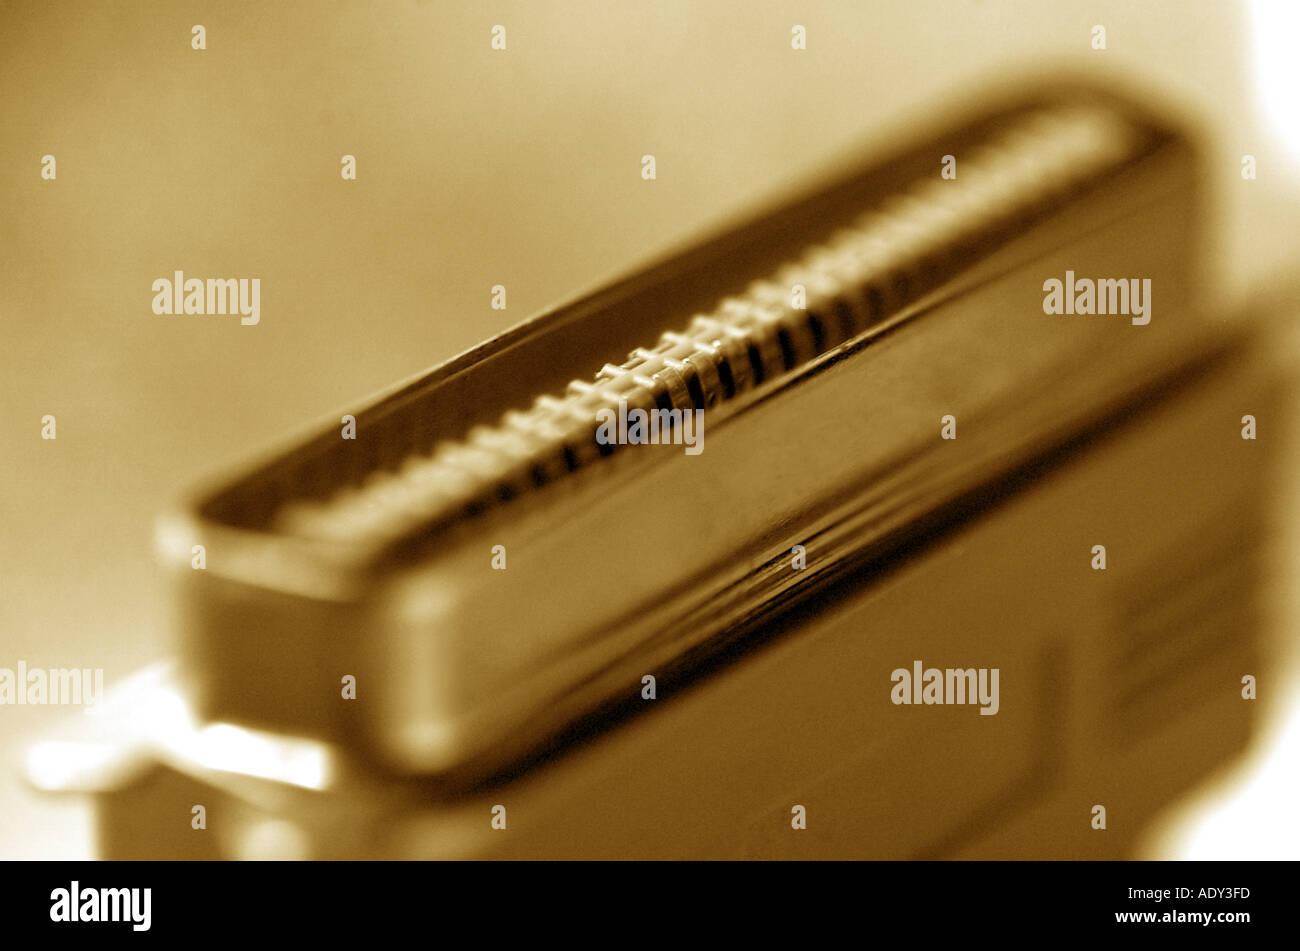 Equipo Comm en blanco y negro b w socket serial cable de impresora en concepto de tecnología informática Imagen De Stock